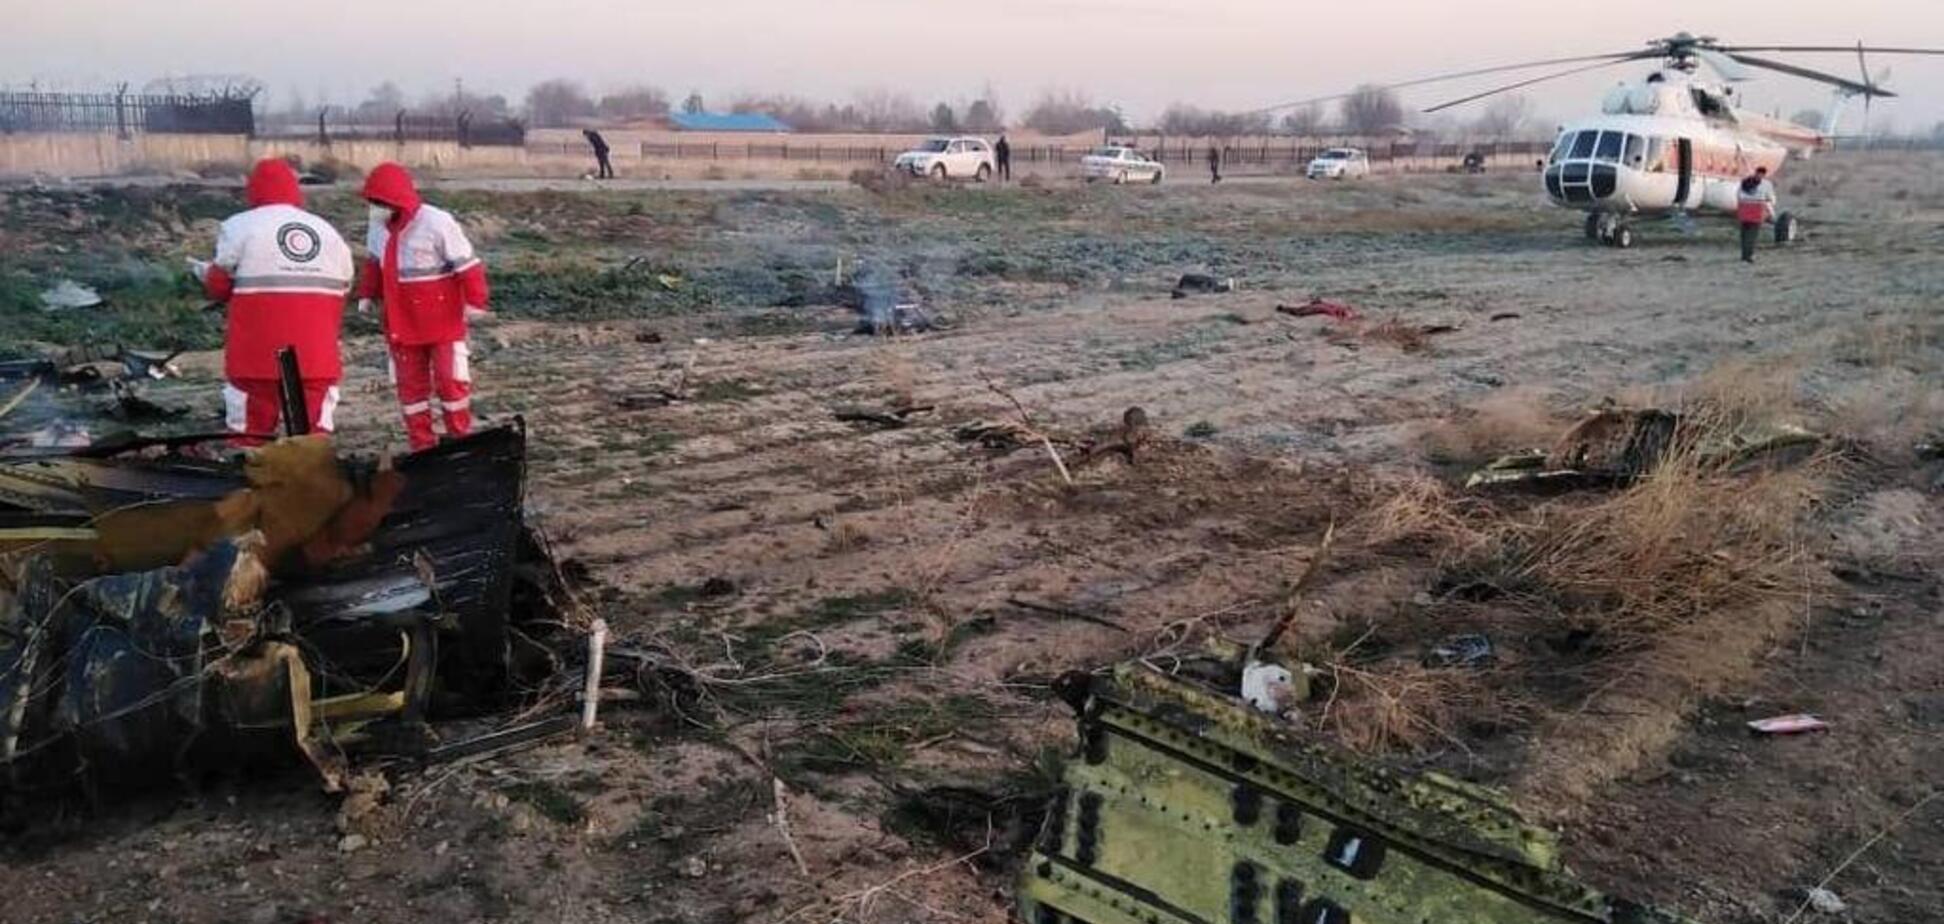 В Иране разбился украинский самолет: в сеть слили первые фото